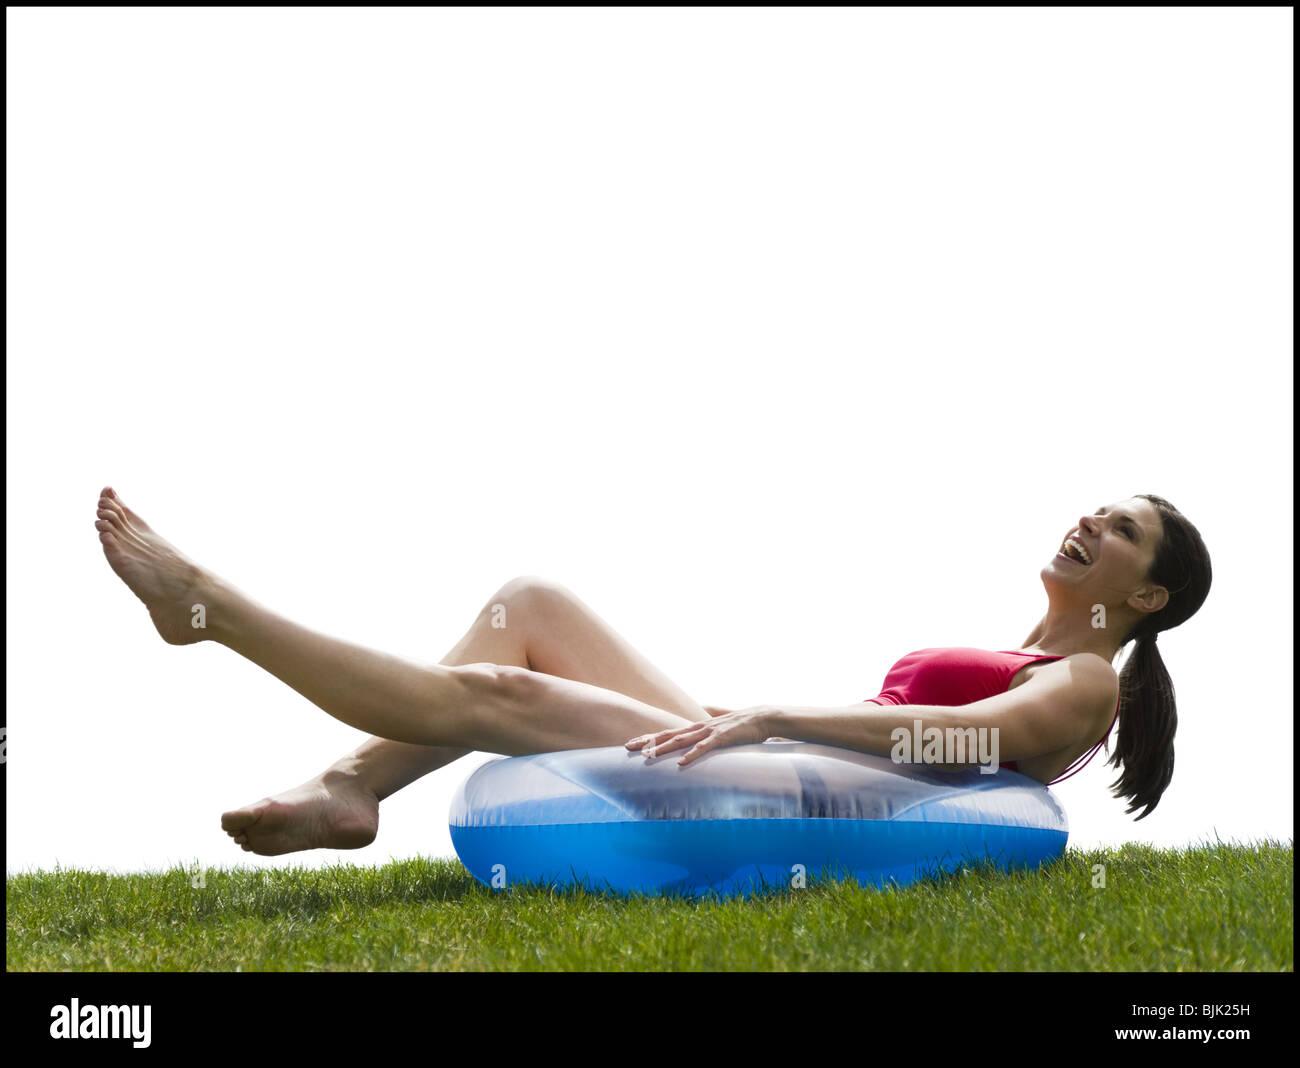 Woman in bikini lying in swimming ring on grass smiling Stock Photo